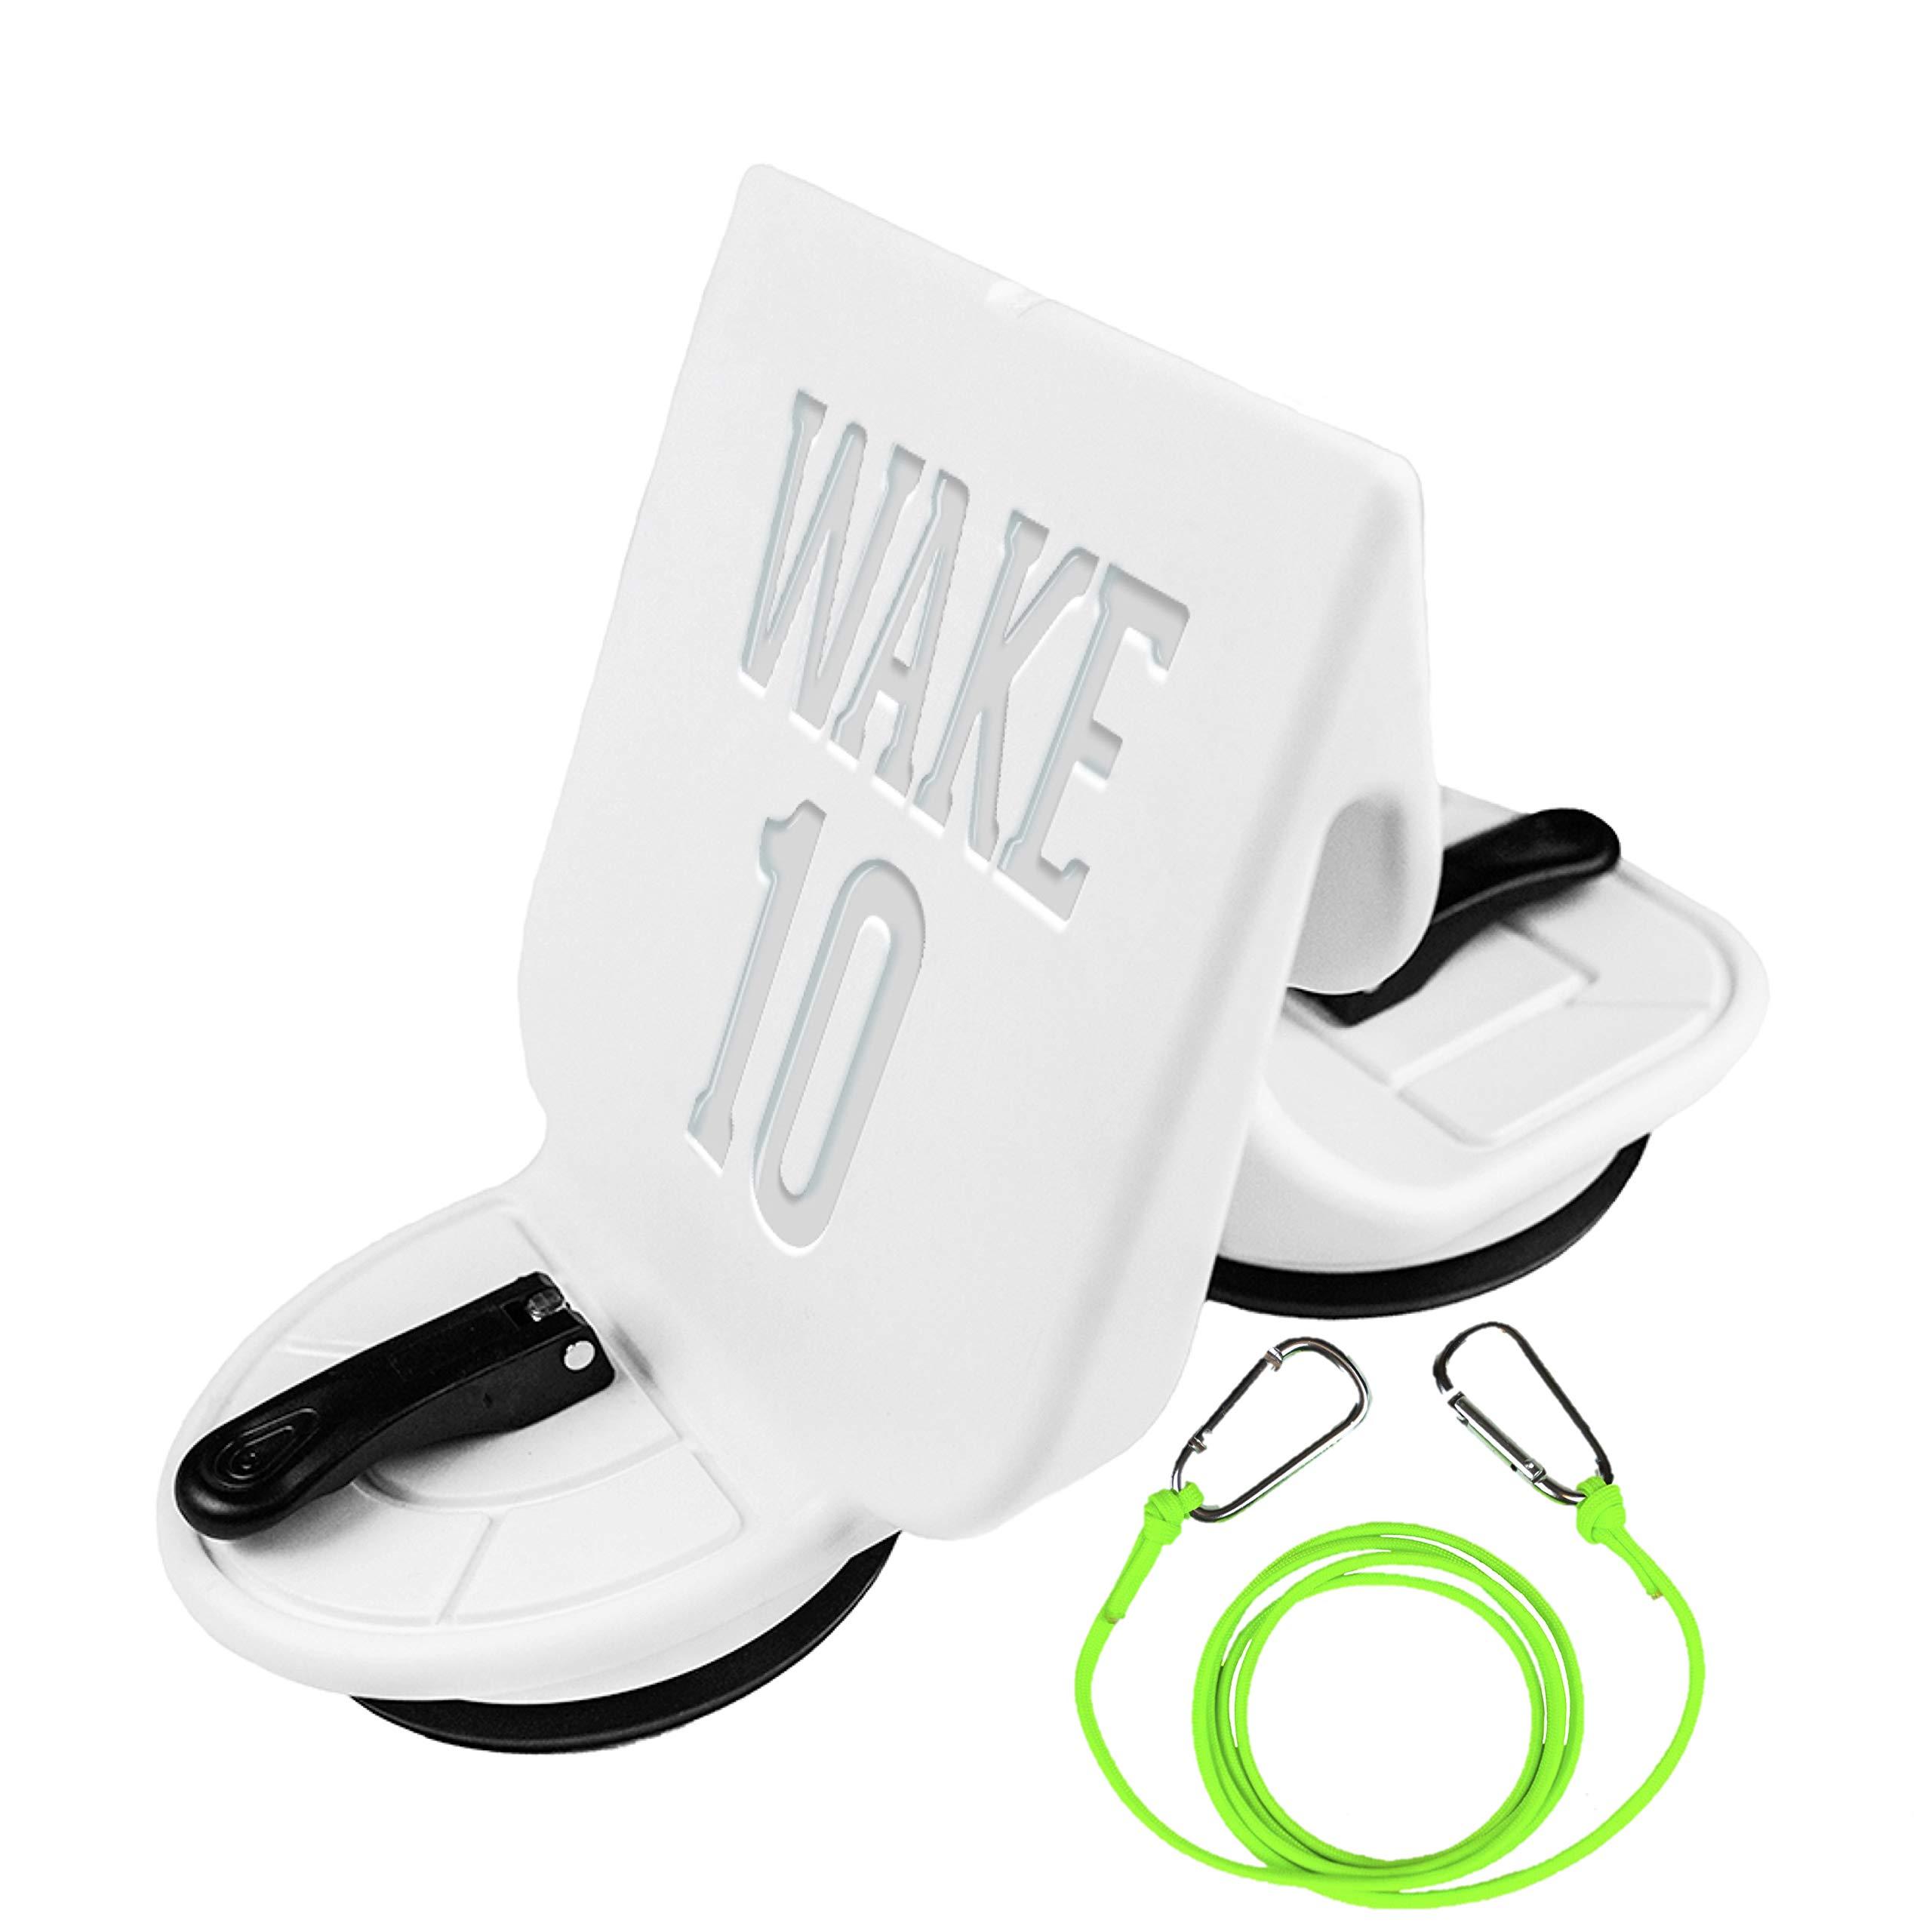 WAKE 10 Wakesurf Creator - Wake Surf Shaper - Wave Generator by WAKE 10